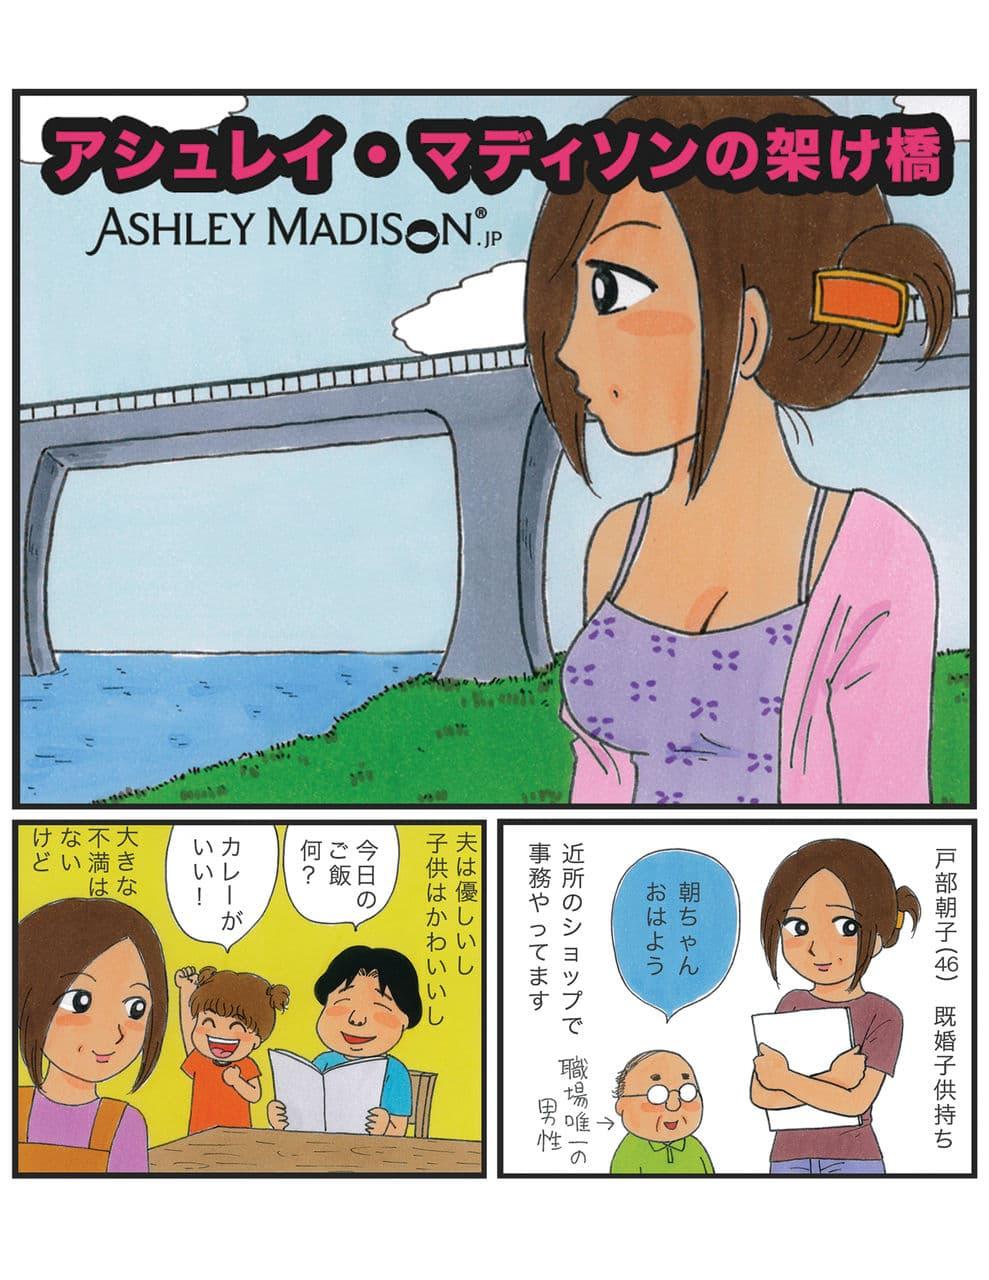 くらたま アシュレイマディソン マディソンの架け橋 不倫漫画 倉田真由美